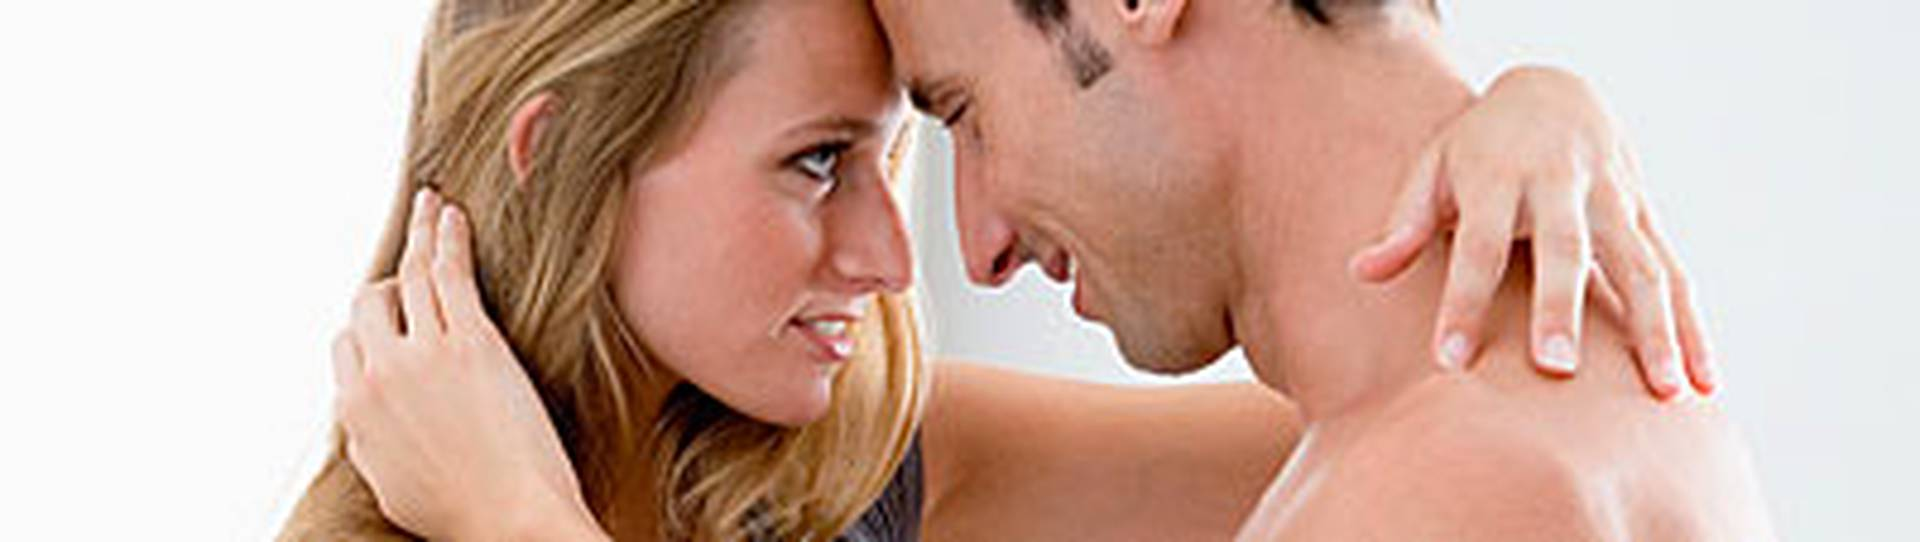 seksiä jälkeen 3 kuukauden dating matchmaking festivaali Irlanti 2013